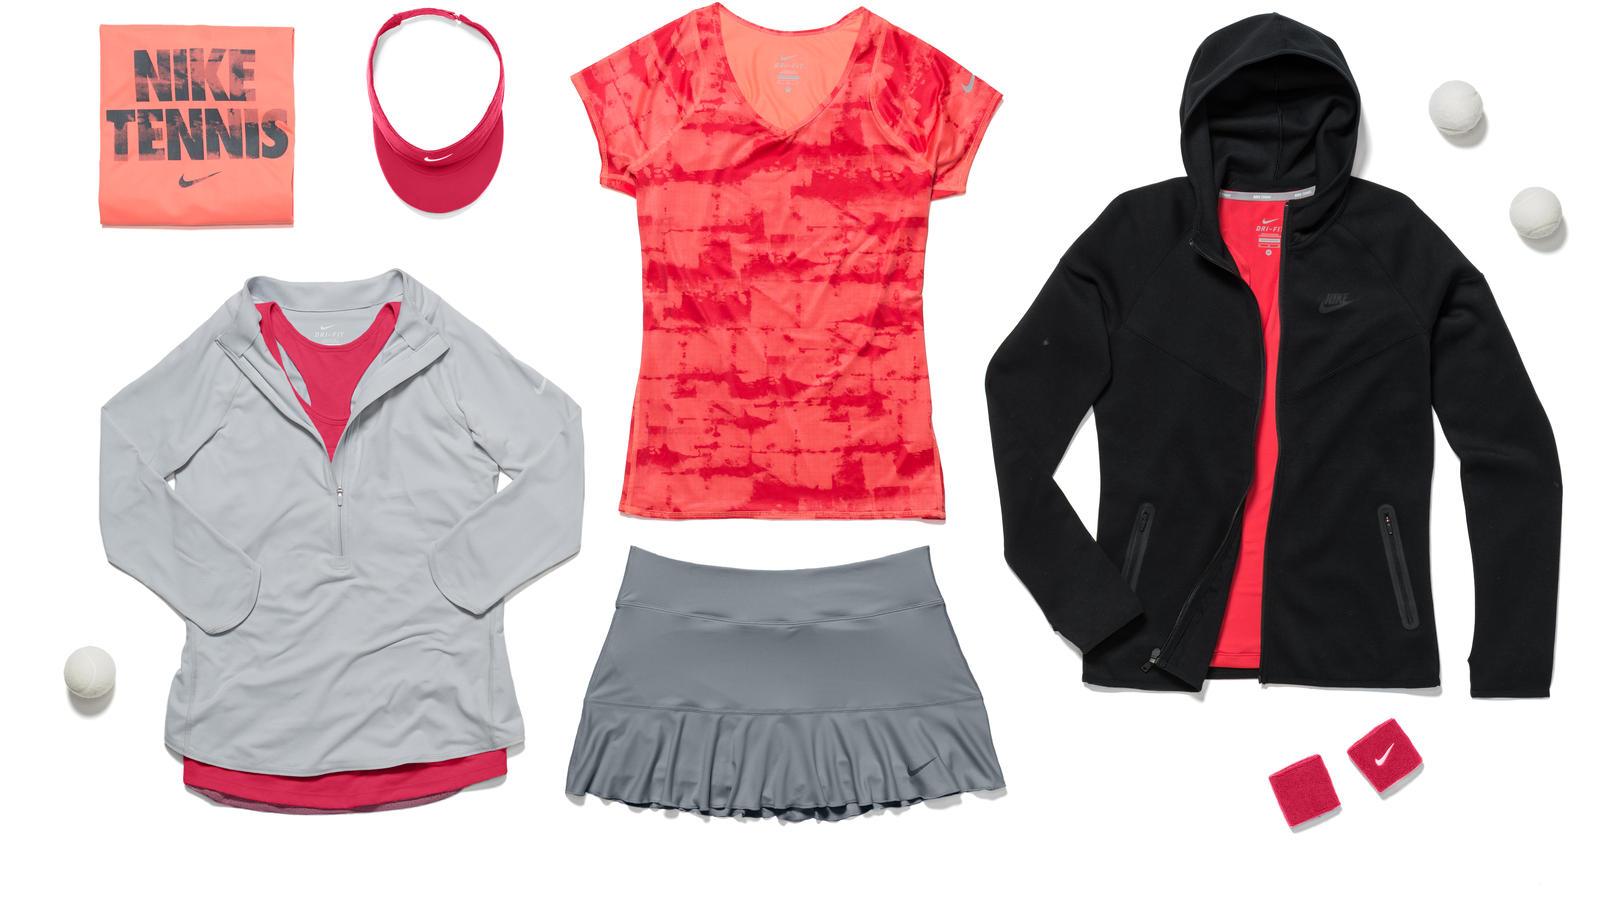 Nike Tennis Li Na - 2013